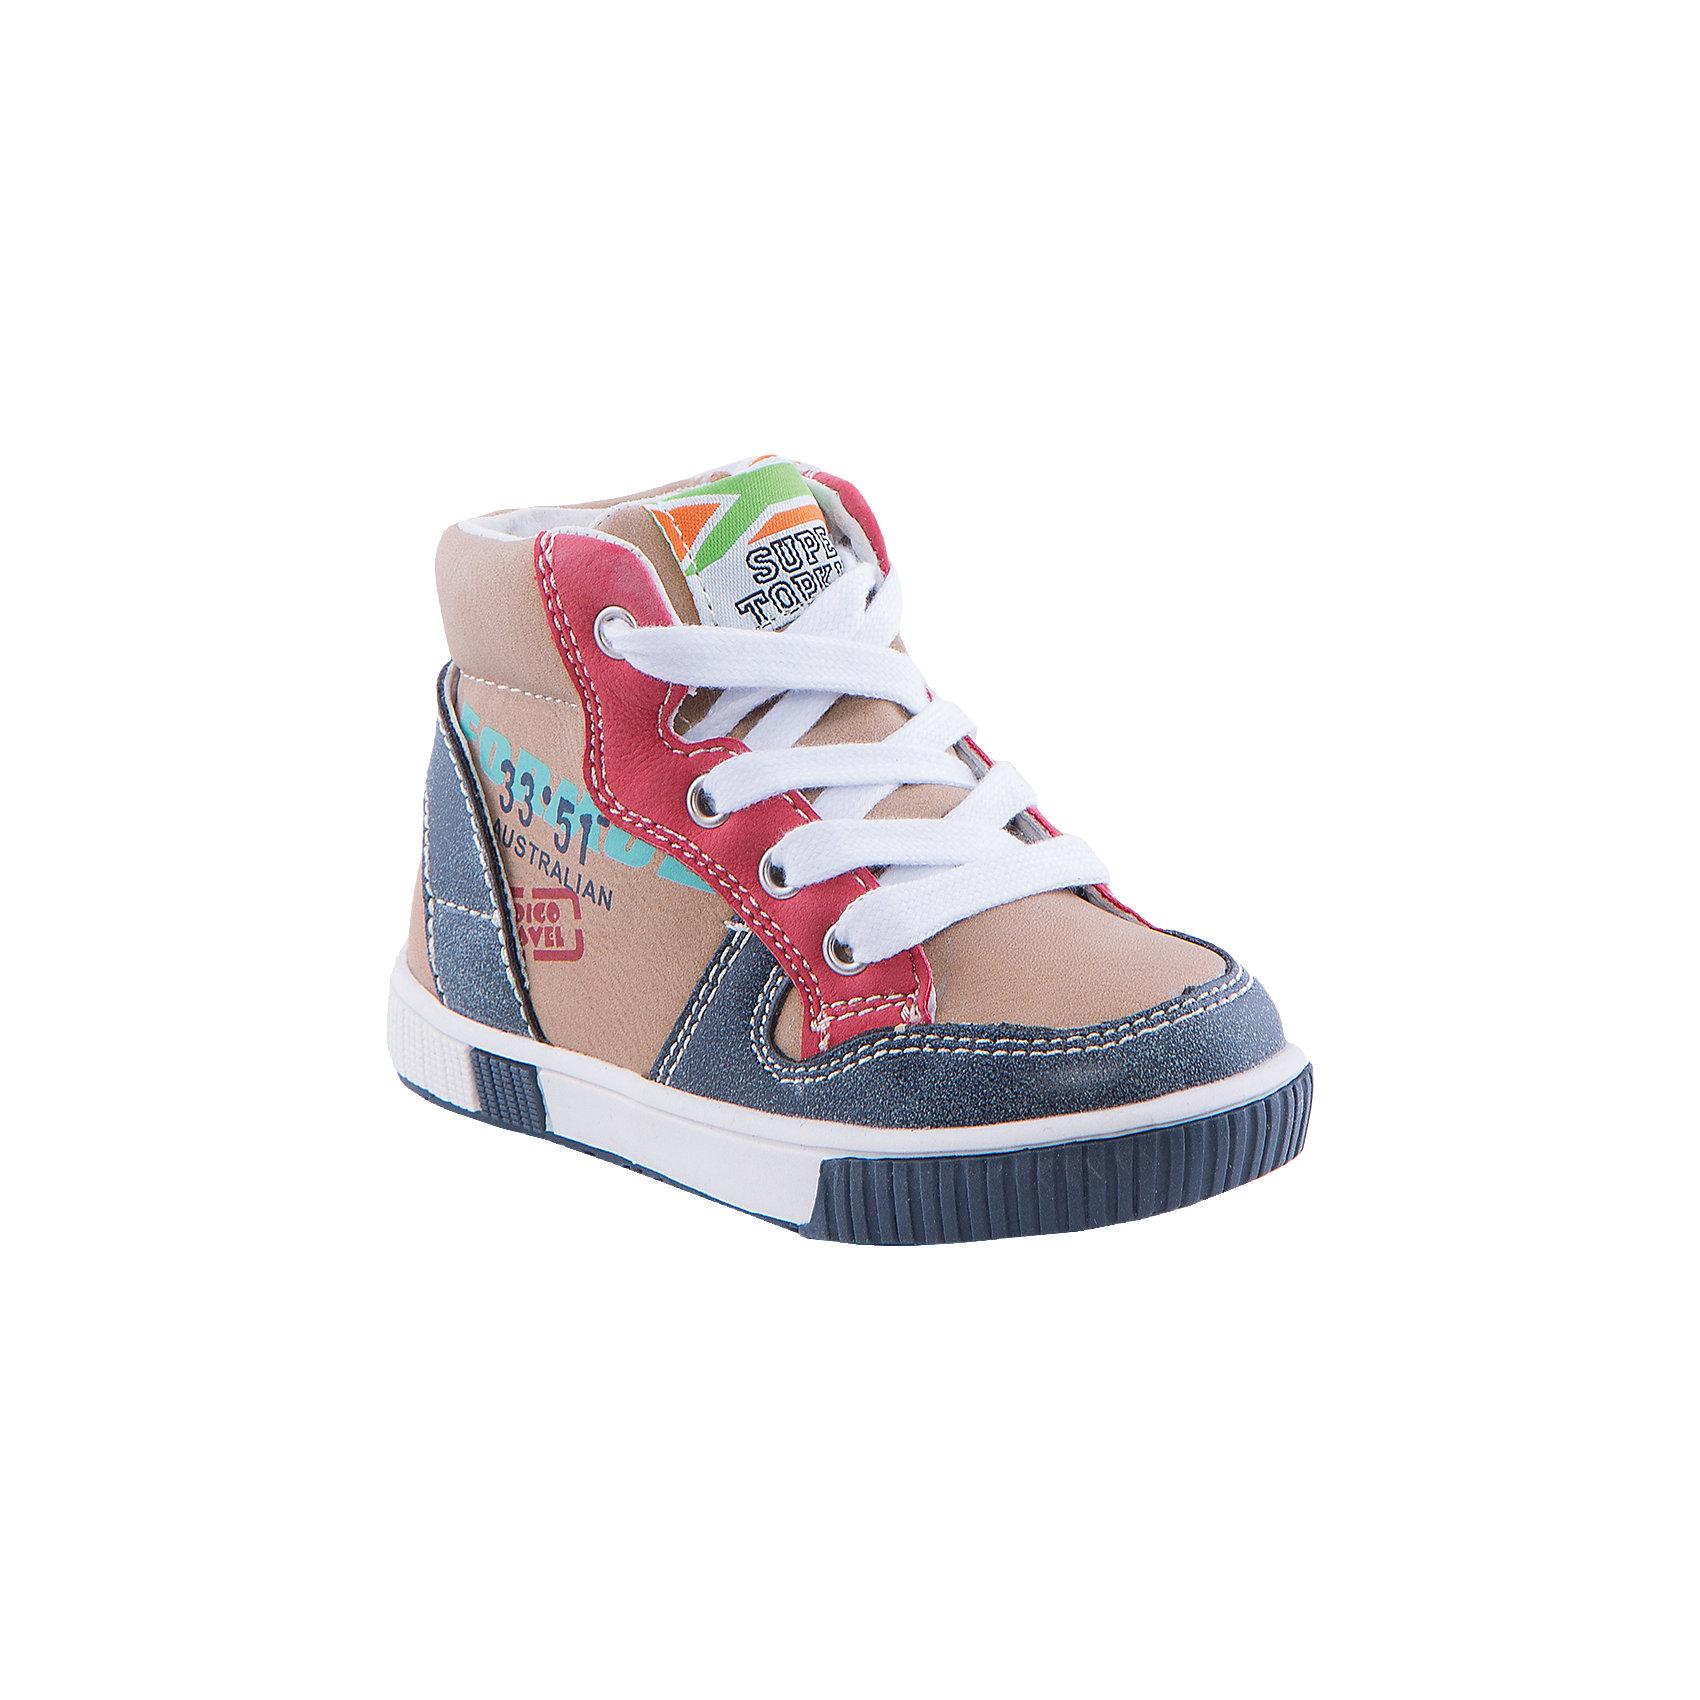 Ботинки для мальчика Indigo kidsОбувь для малышей<br>Ботинки для мальчика от известного бренда Indigo kids<br><br>Стильные и удобные ботинки созданы специально для мальчиков. Ботинки легко надеваются и комфортно садятся по ноге. <br><br>Особенности модели:<br><br>- цвет - бежевый, синий, красный;<br>- стильный дизайн;<br>- удобная колодка;<br>- кожаная подкладка;<br>- качественная контрастная прострочка;<br>- декорированы принтом;<br>- устойчивая белая подошва;<br>- застежки: шнуровка, молния.<br><br><br>Дополнительная информация:<br><br>Температурный режим:<br>от +5° С до +15° С<br><br>Состав:<br><br>верх – искусственная кожа;<br>подкладка - натуральная кожа;<br>подошва - ТЭП.<br><br>Ботинки для мальчика Indigo kids (Индиго Кидс) можно купить в нашем магазине.<br><br>Ширина мм: 262<br>Глубина мм: 176<br>Высота мм: 97<br>Вес г: 427<br>Цвет: бежевый<br>Возраст от месяцев: 18<br>Возраст до месяцев: 21<br>Пол: Мужской<br>Возраст: Детский<br>Размер: 23,22,25,26,24,27<br>SKU: 4520041